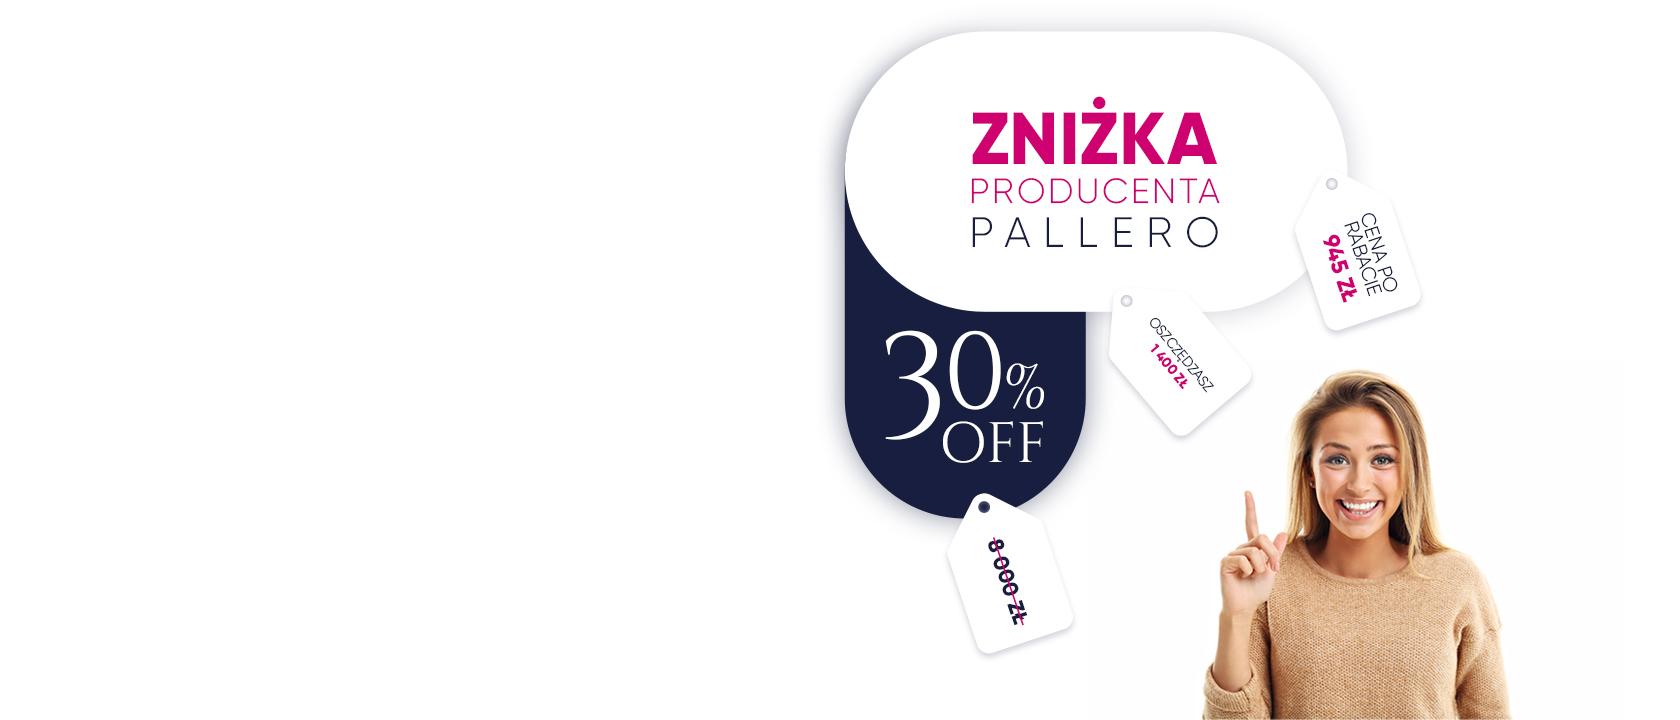 Sprawdź wszystkie przecenione produkty Pallero Light & Object, akcja promocyjna trwa do 31.07.